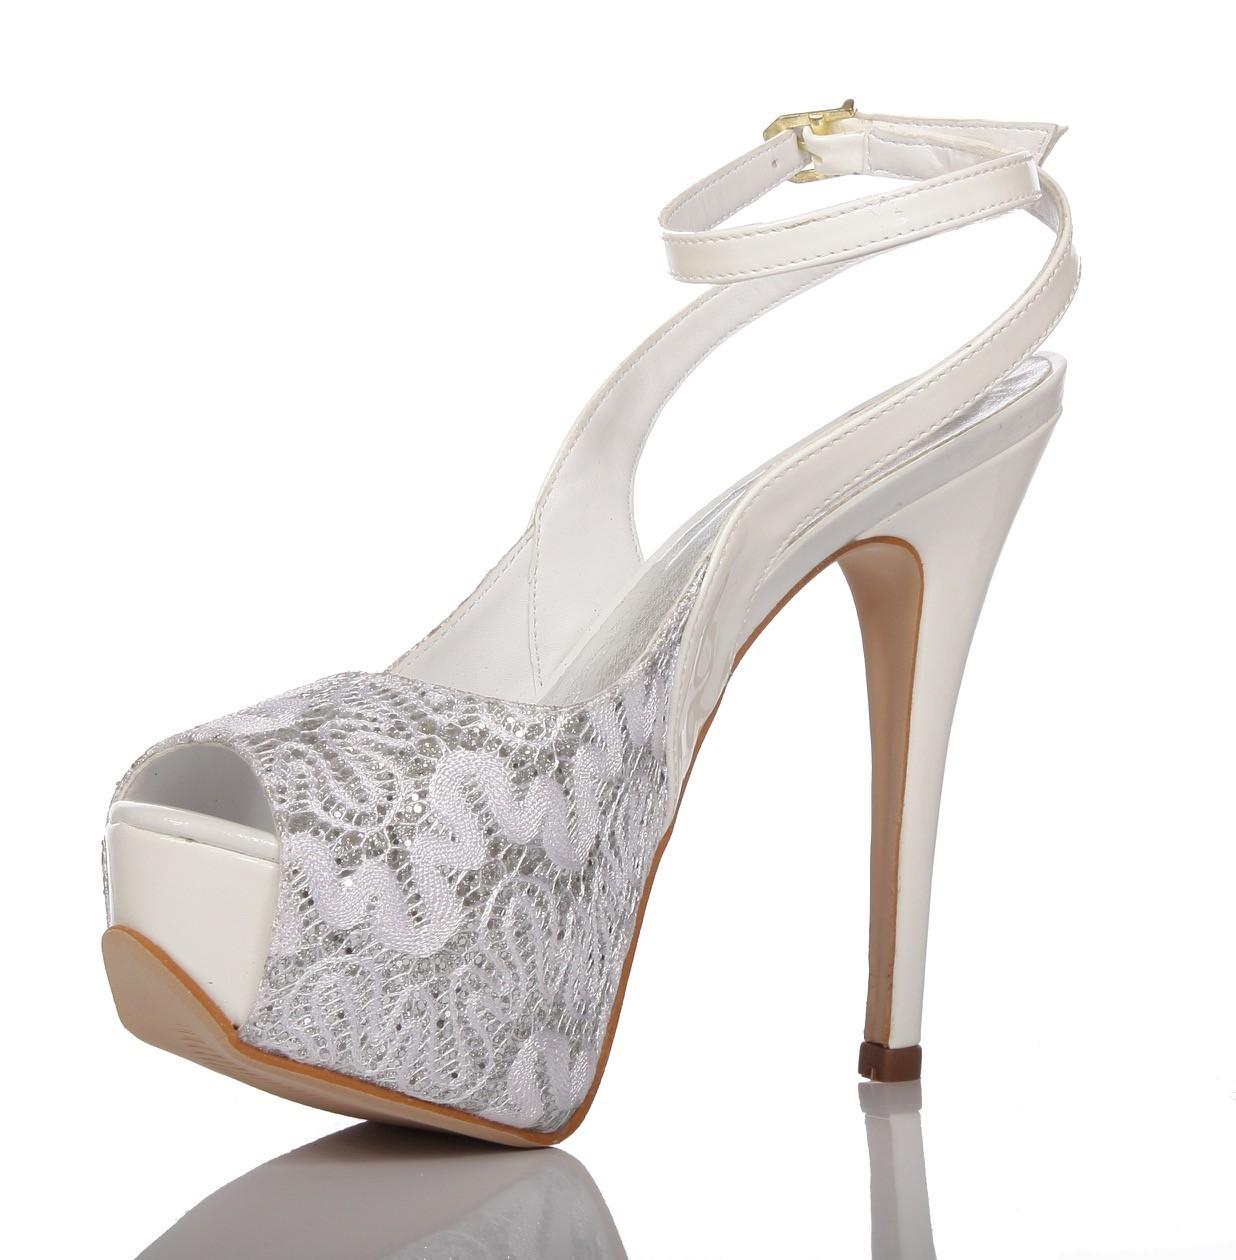 006356f32 Sapato de Noiva Peep Toe Branco com Renda Prata - PNF 16